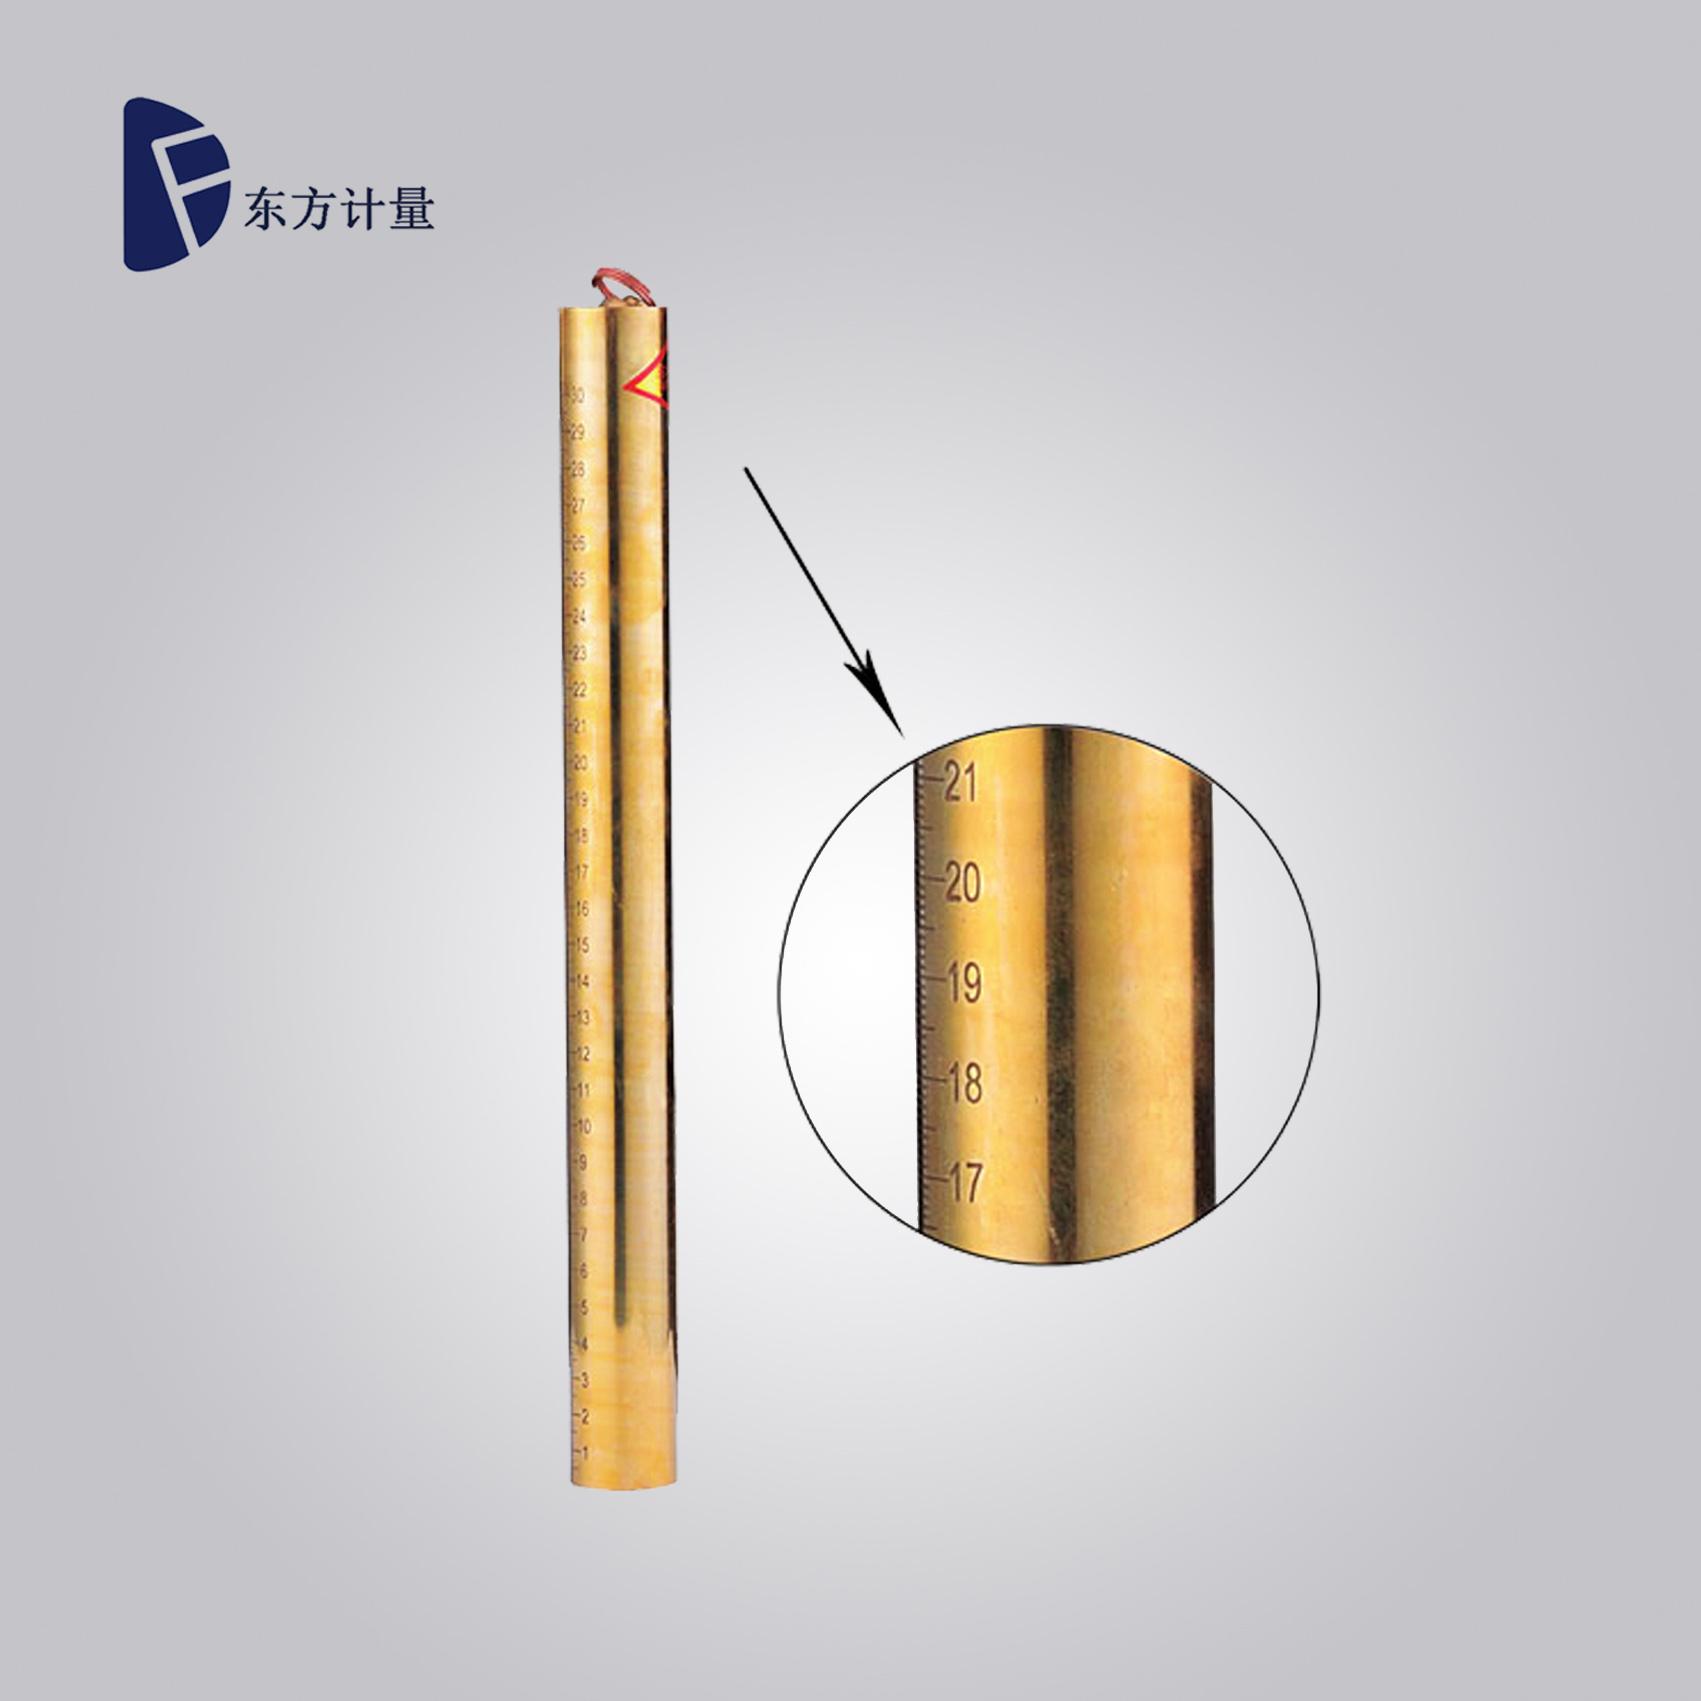 套管尺-量油尺,套管尺,石油密度计,试水膏-产品中心-.